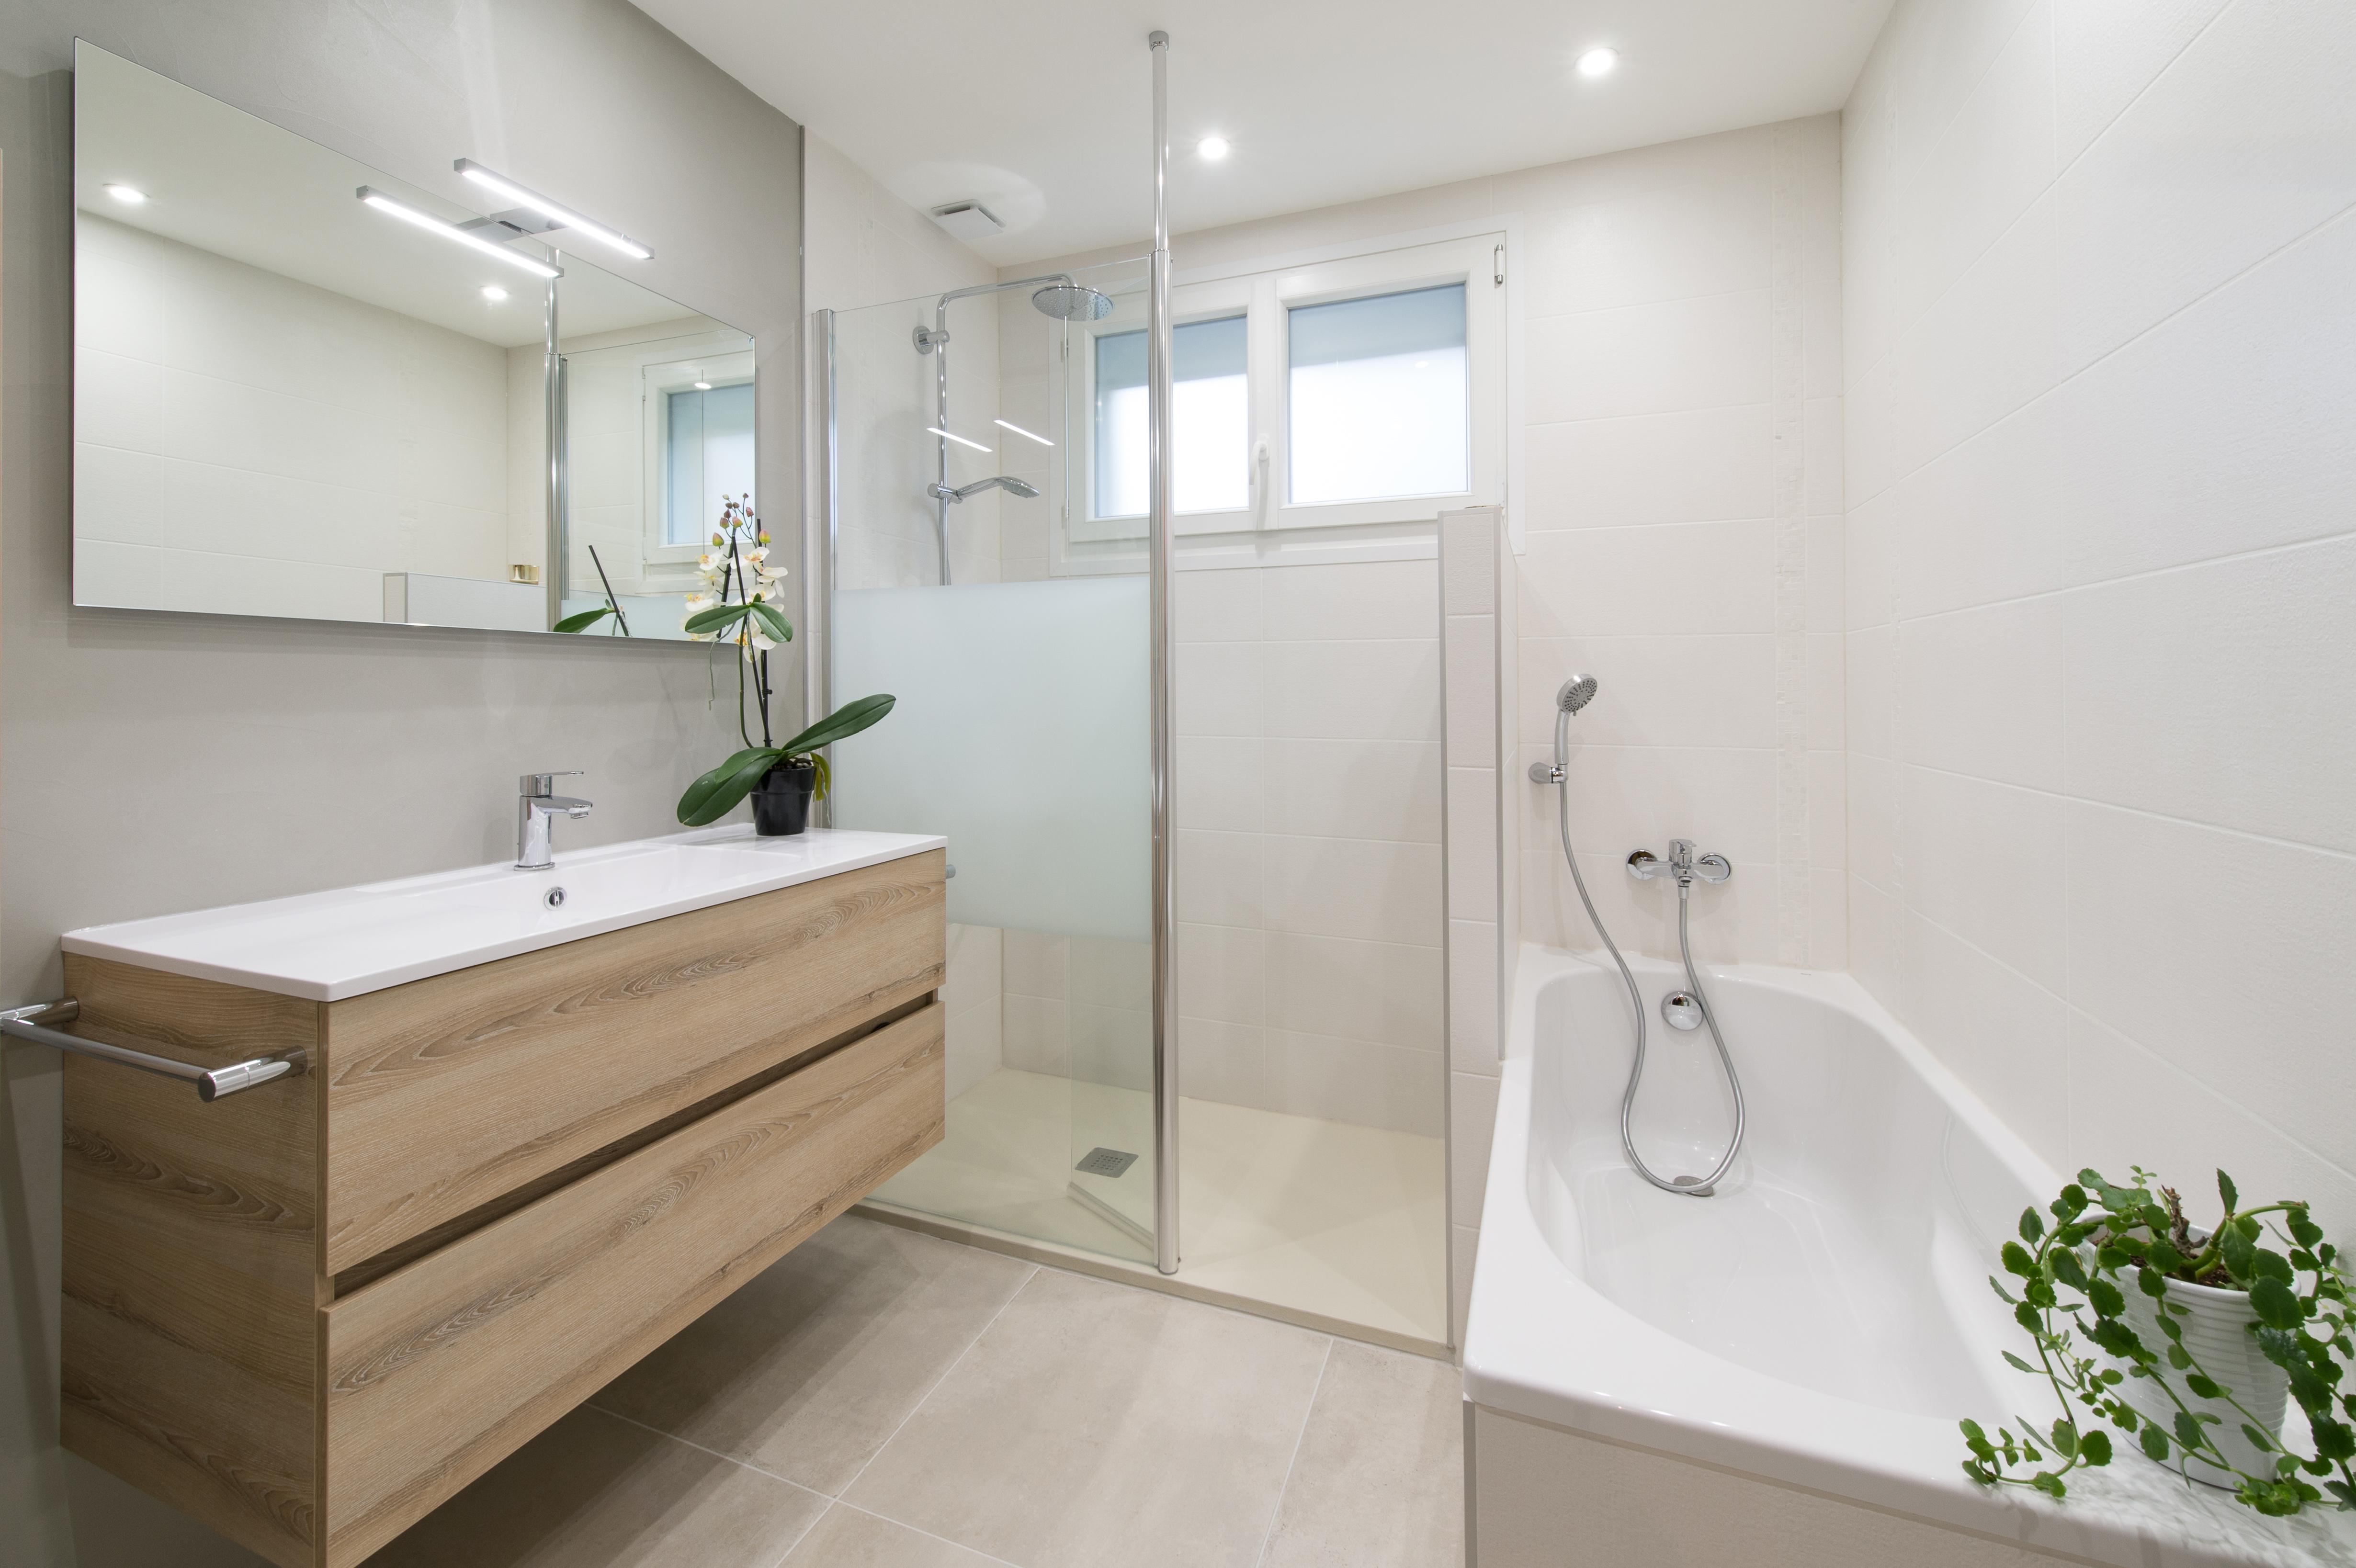 Salle de bains douche et baignoire for Baignoire et douche accolees